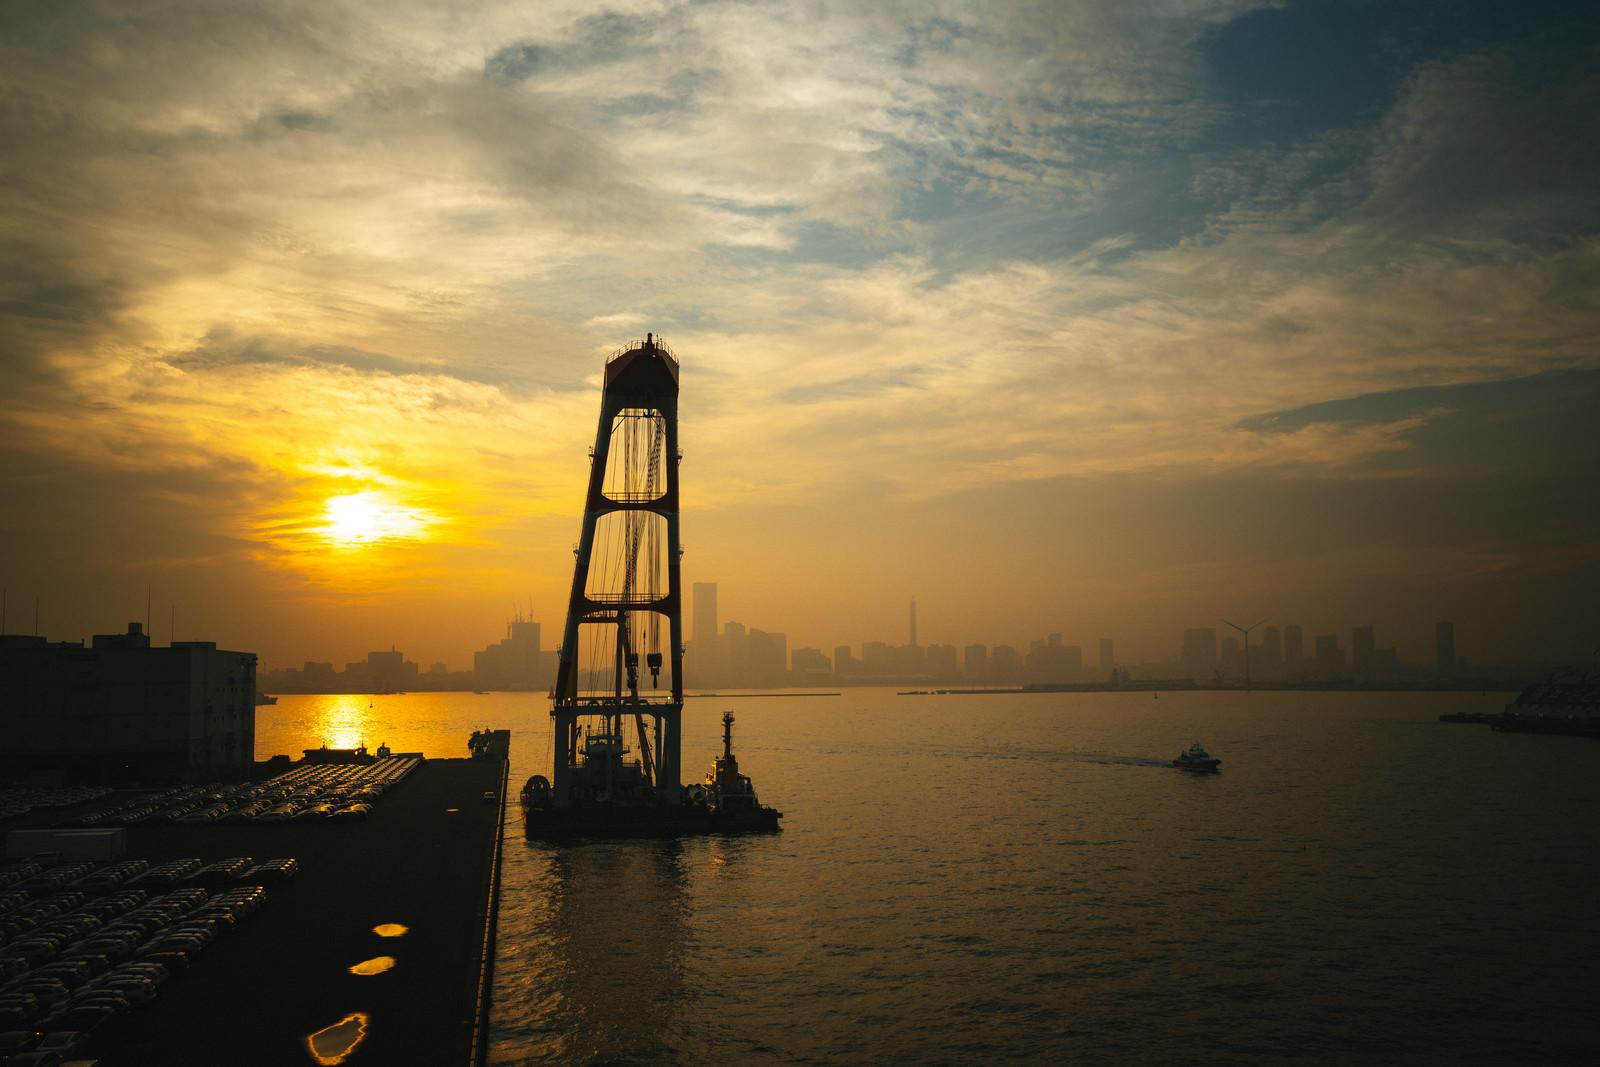 「港から見る夕日と街並み」の写真